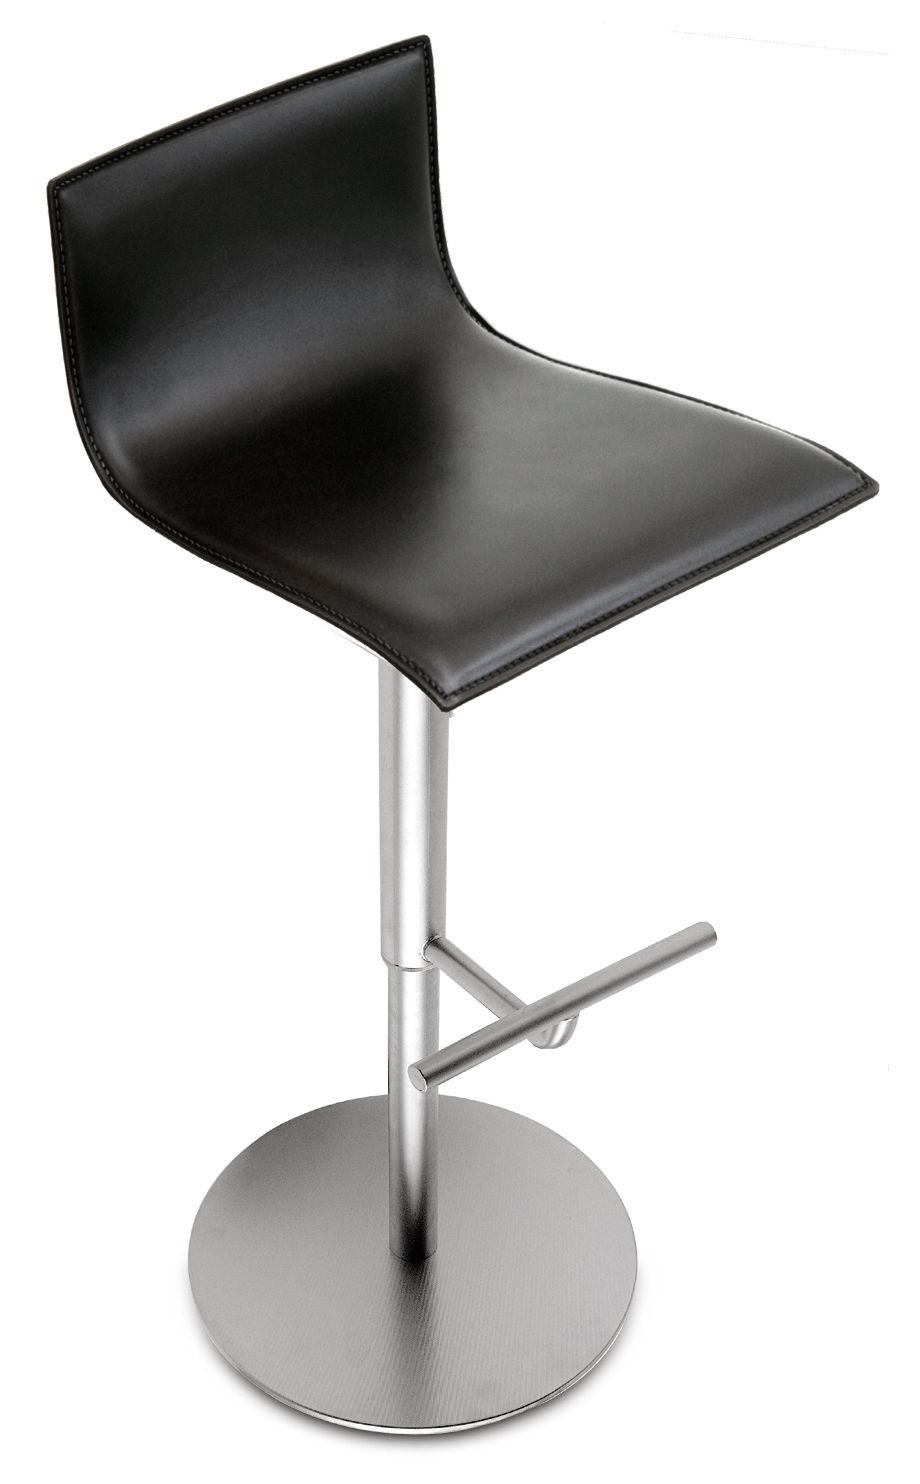 tabouret haut r glable thin assise cuir pivotante cuir noir lapalma. Black Bedroom Furniture Sets. Home Design Ideas